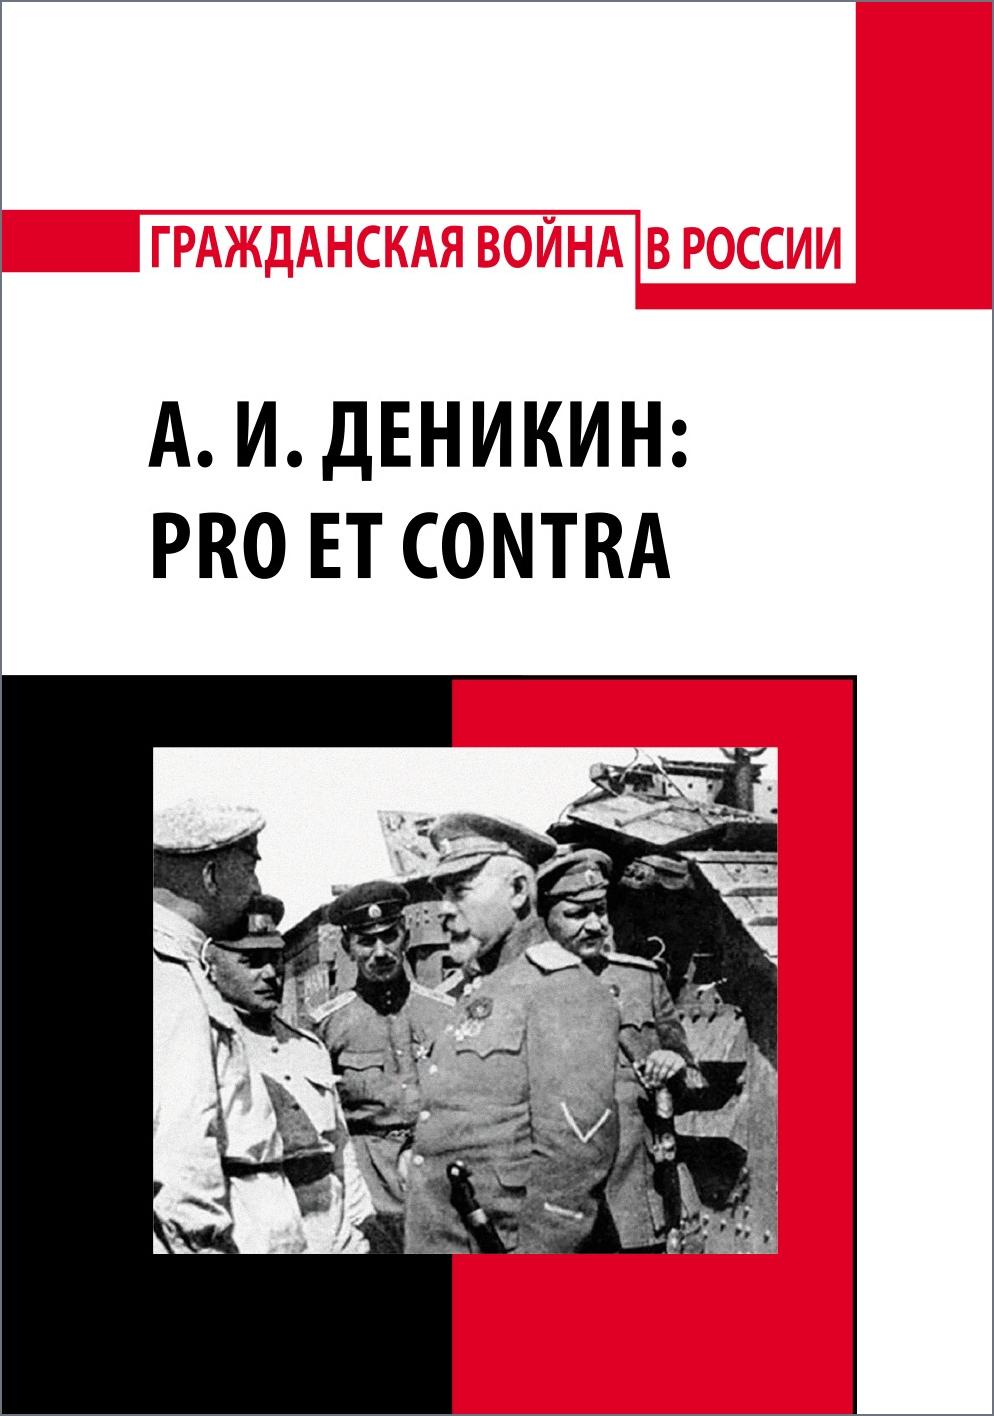 А. И. Деникин: pro et contra, антология. Издательство РХГА